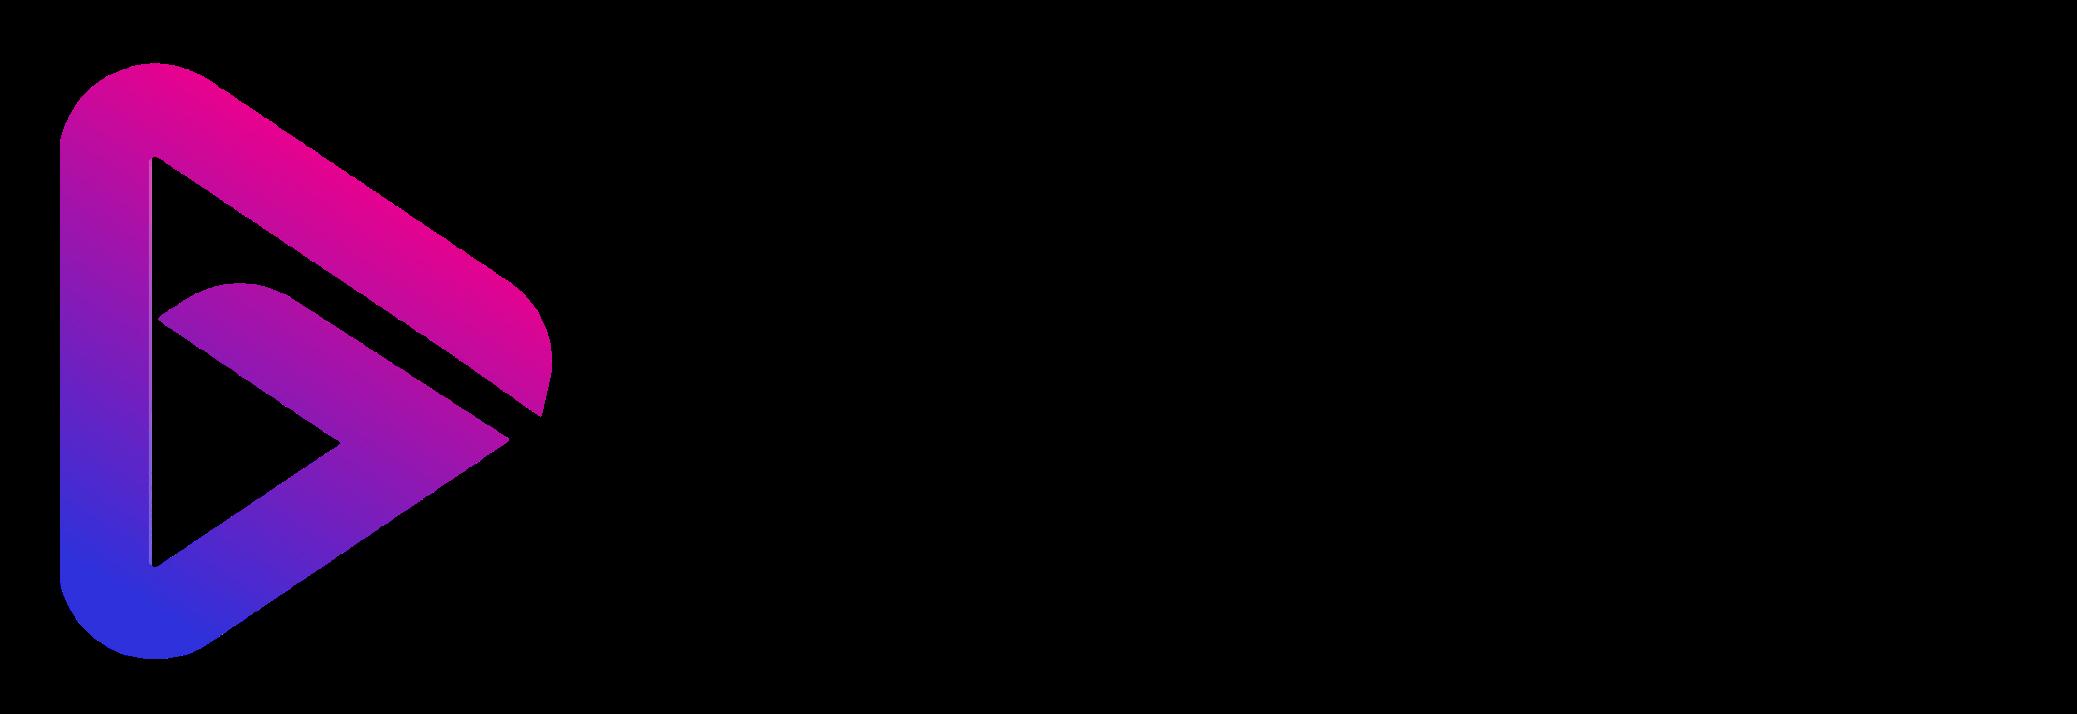 Betterclicks logo 4